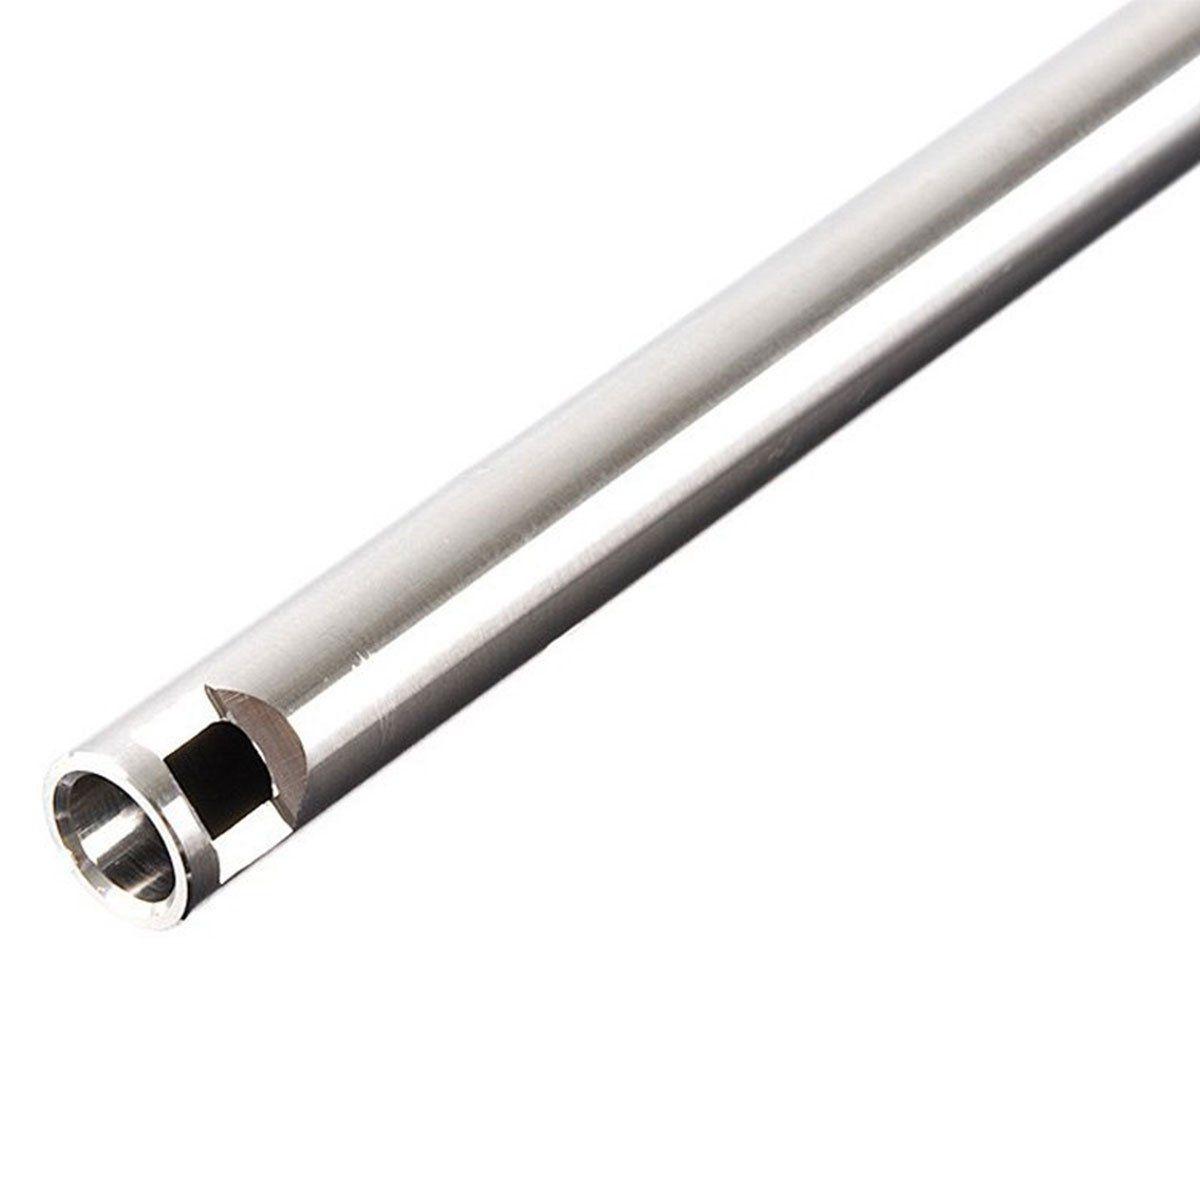 Cano de Precisao em Aco Inox - 247MM 6.03 mm